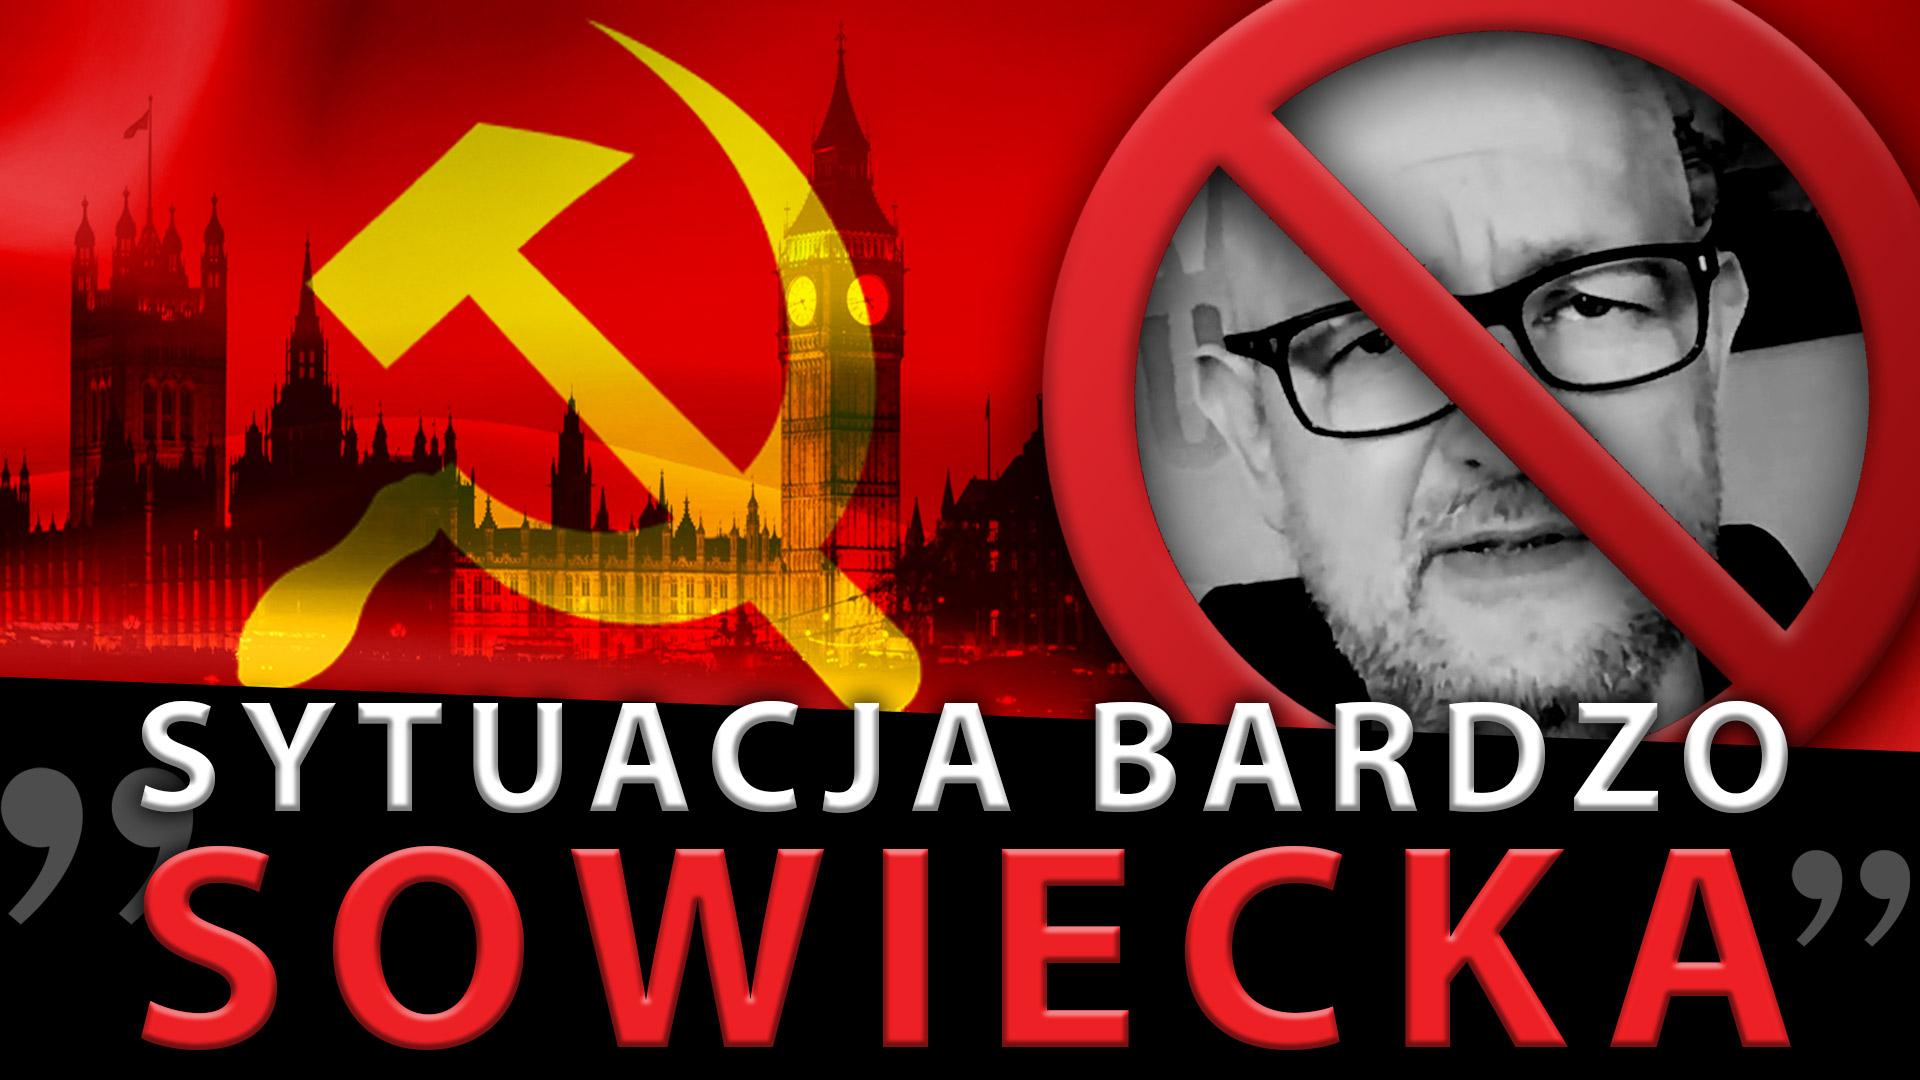 Sytuacja bardzo SOWIECKA – Rafał A. Ziemkiewicz  gościem Rozmowy Fidei Defensor